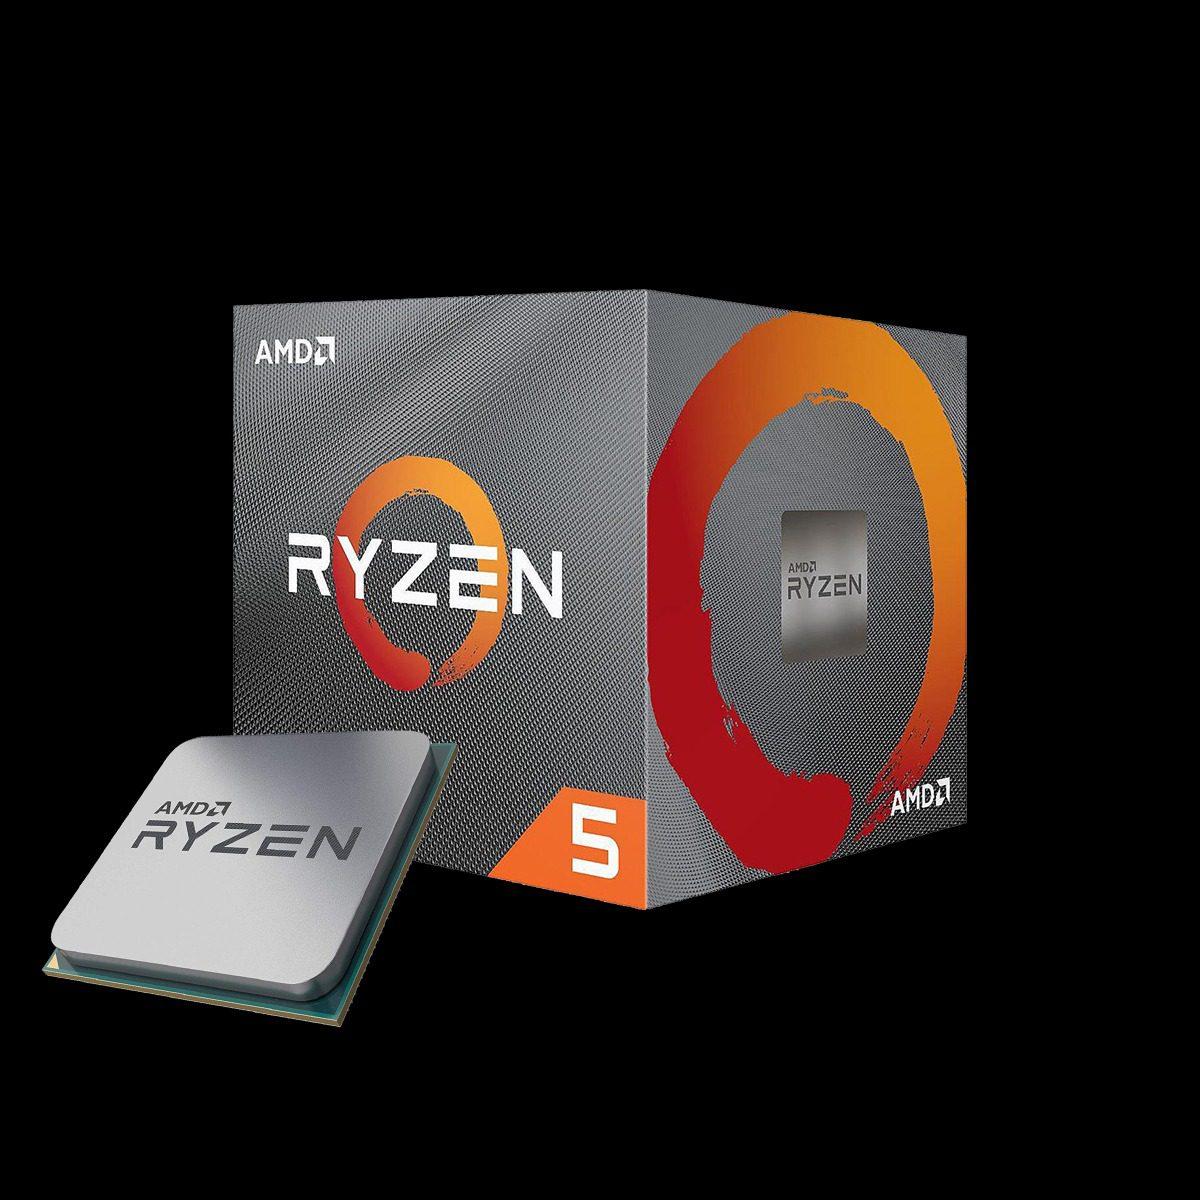 Amd Ryzen 5 3600x With Wraith Spire Cooler Cuttingedgegamer Llc